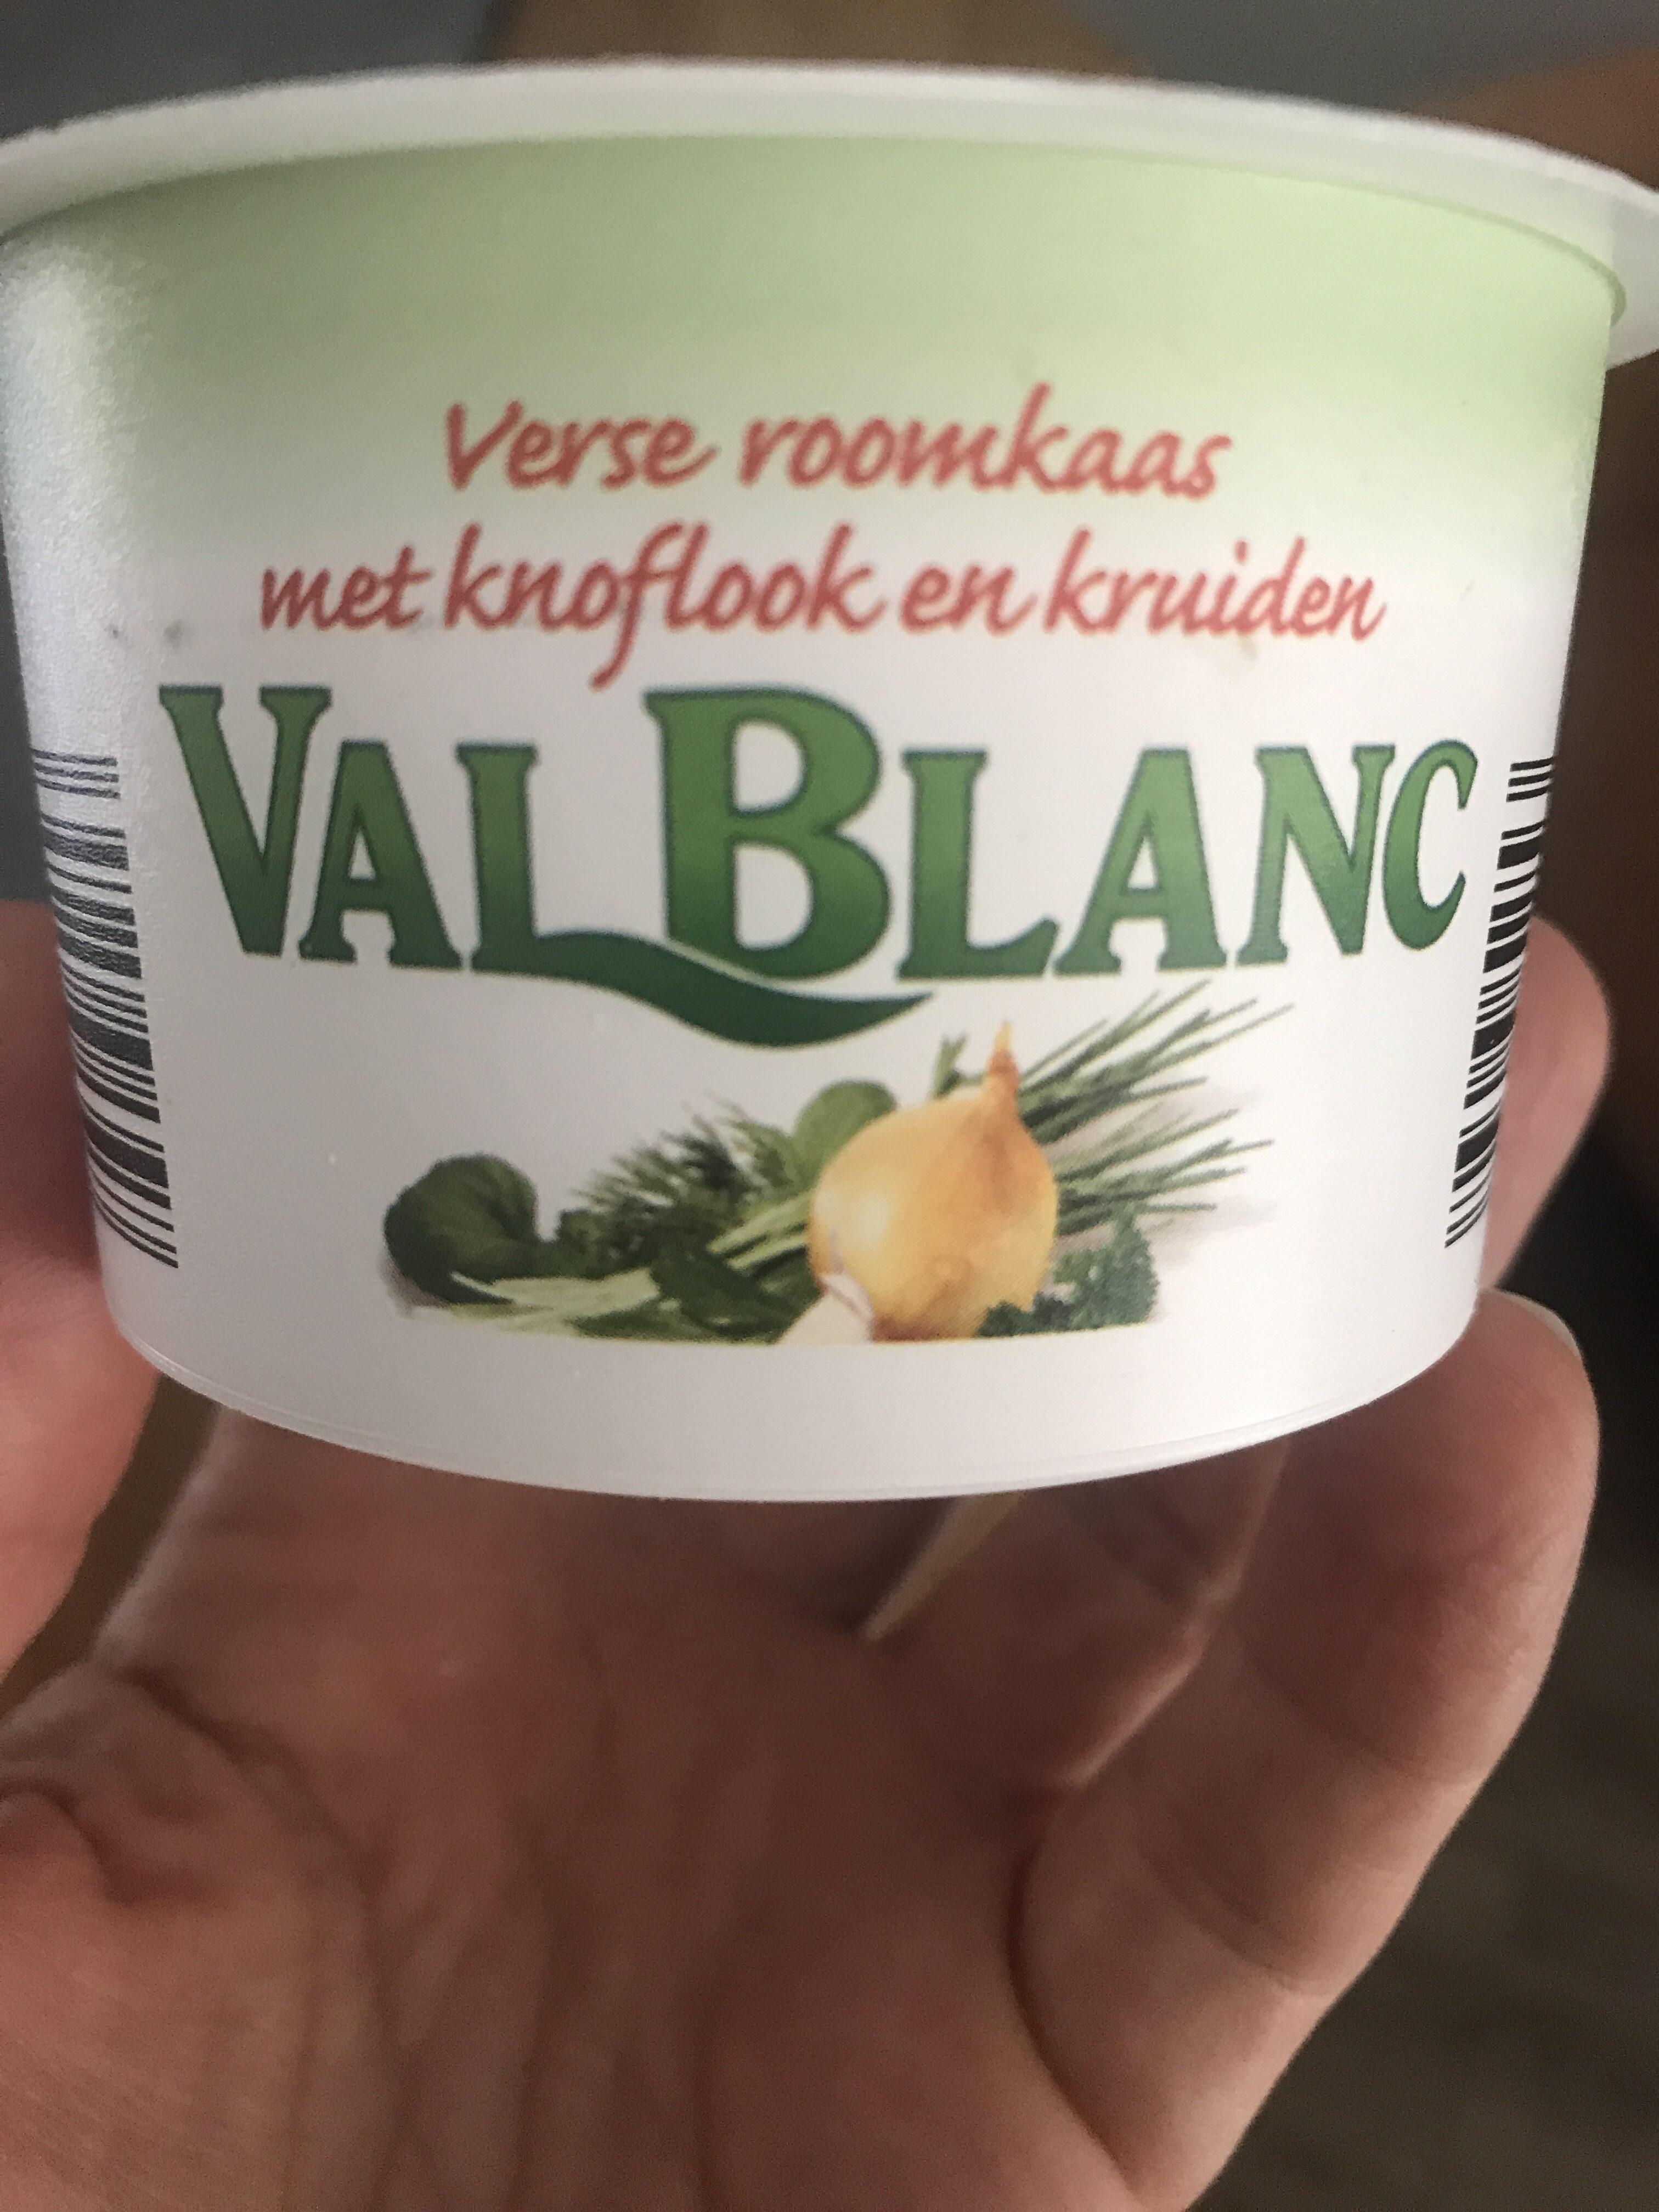 Roomkaas - Product - nl